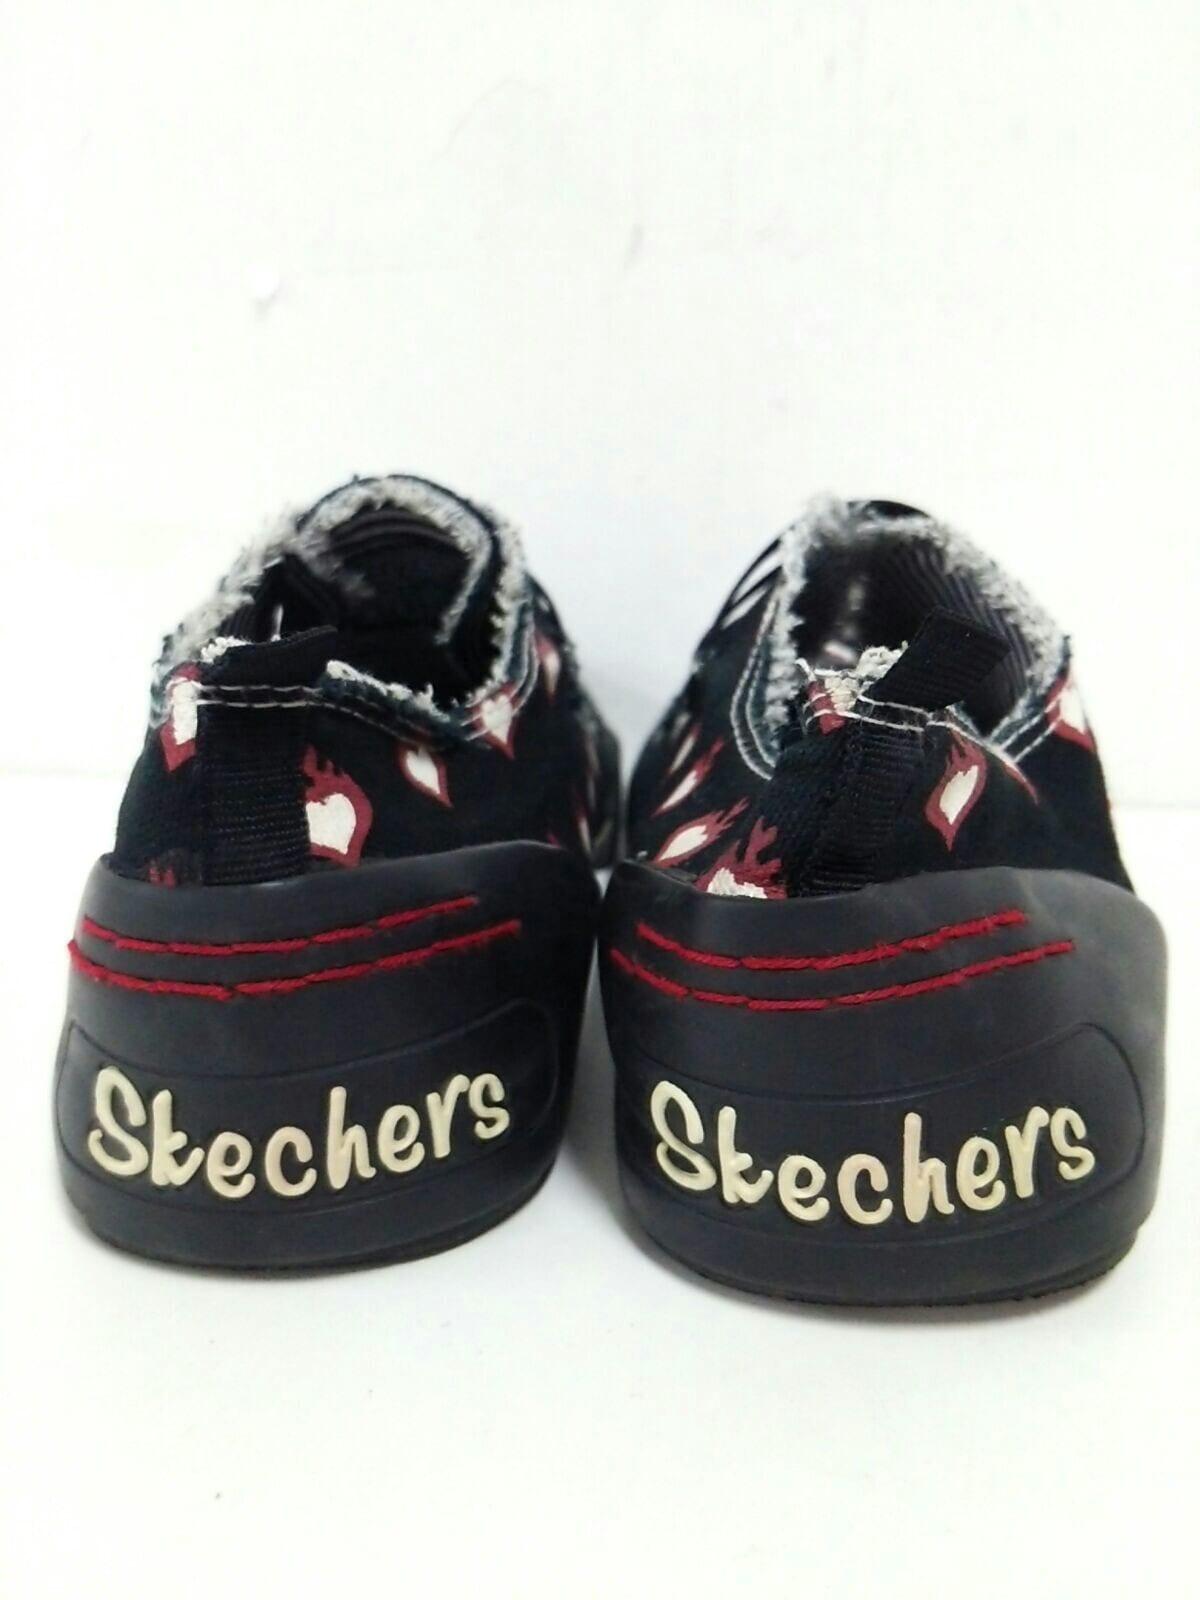 SKECHERS(スケッチャーズ)のスニーカー